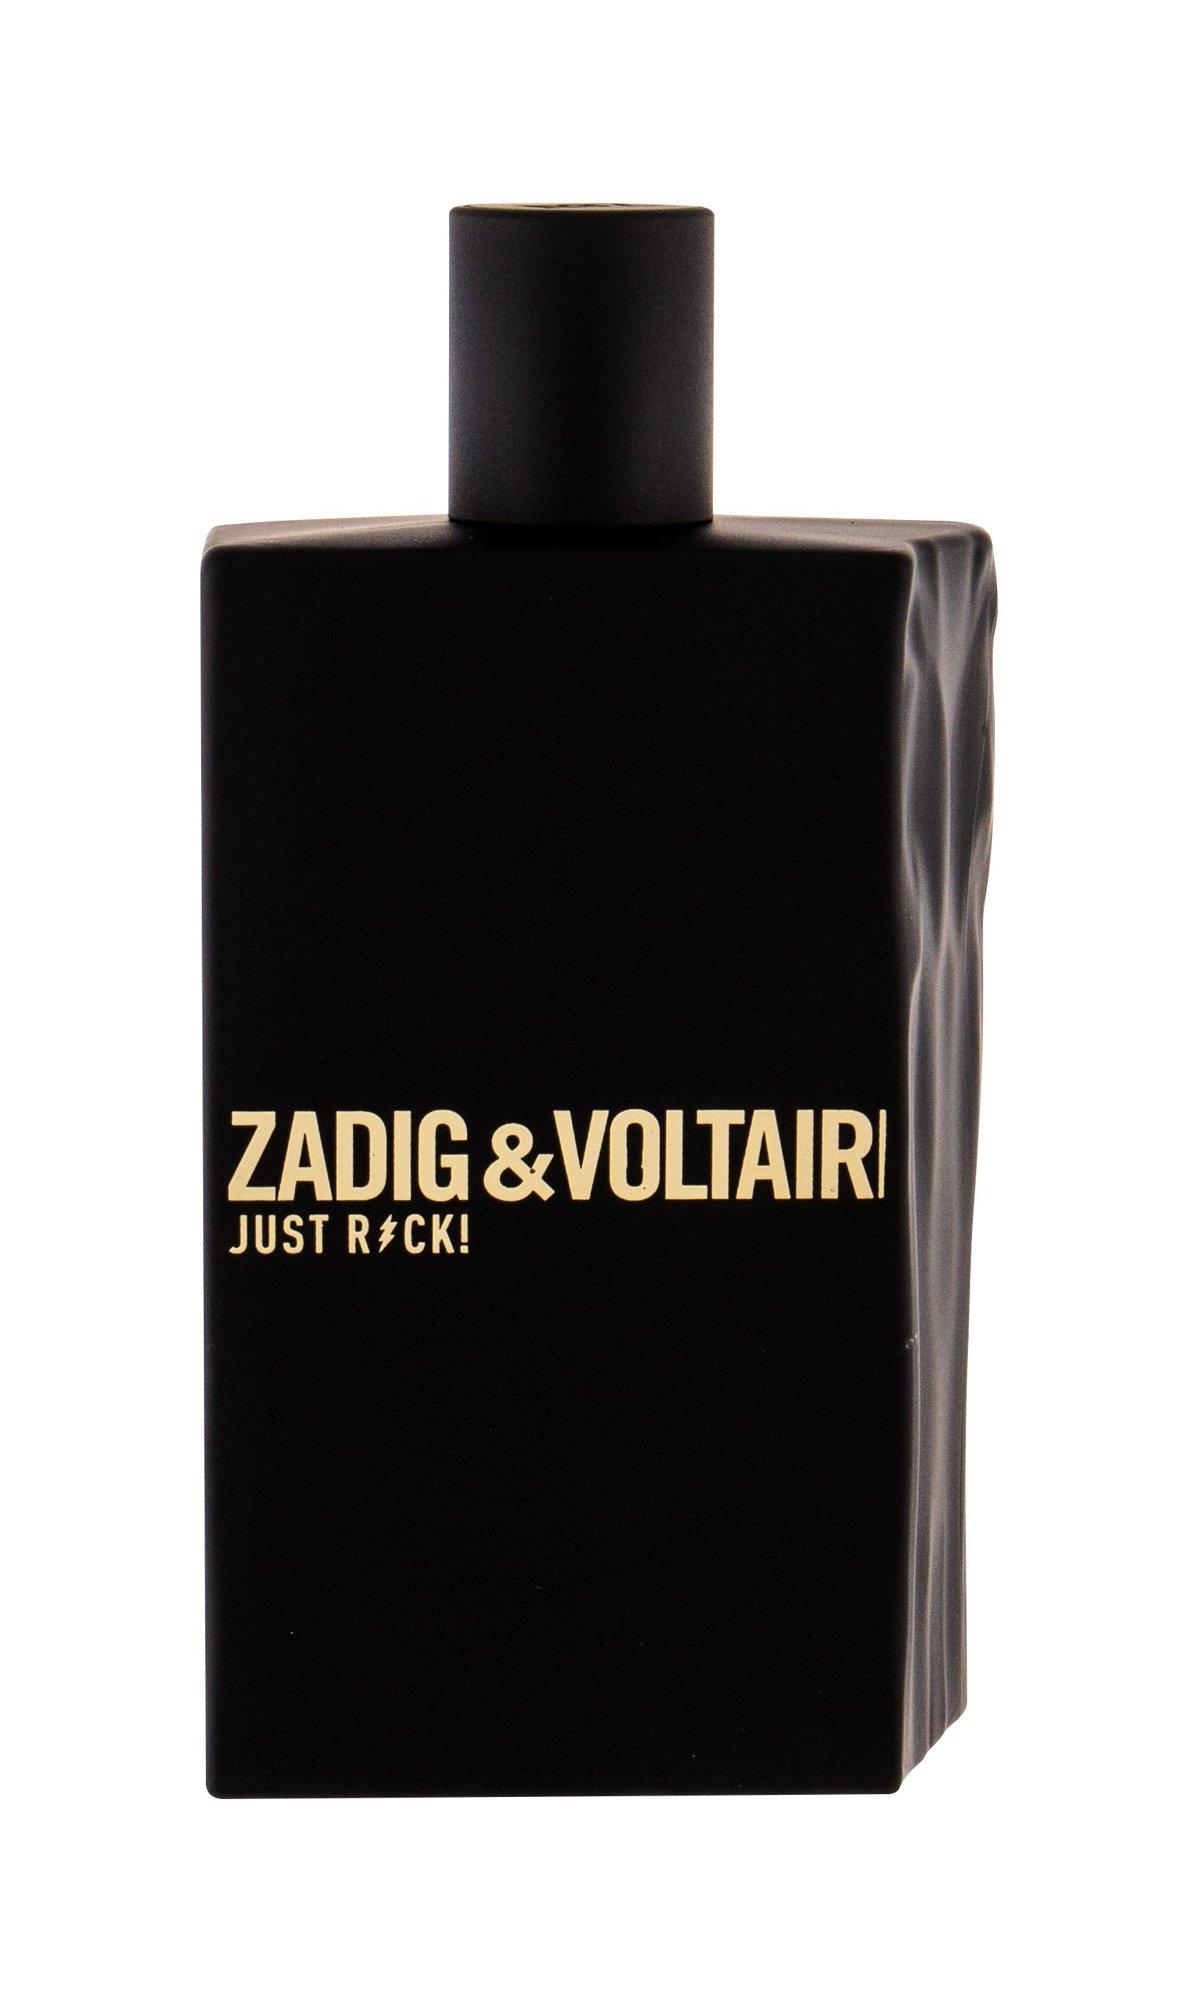 Zadig & Voltaire Just Rock! Eau de Toilette 100ml